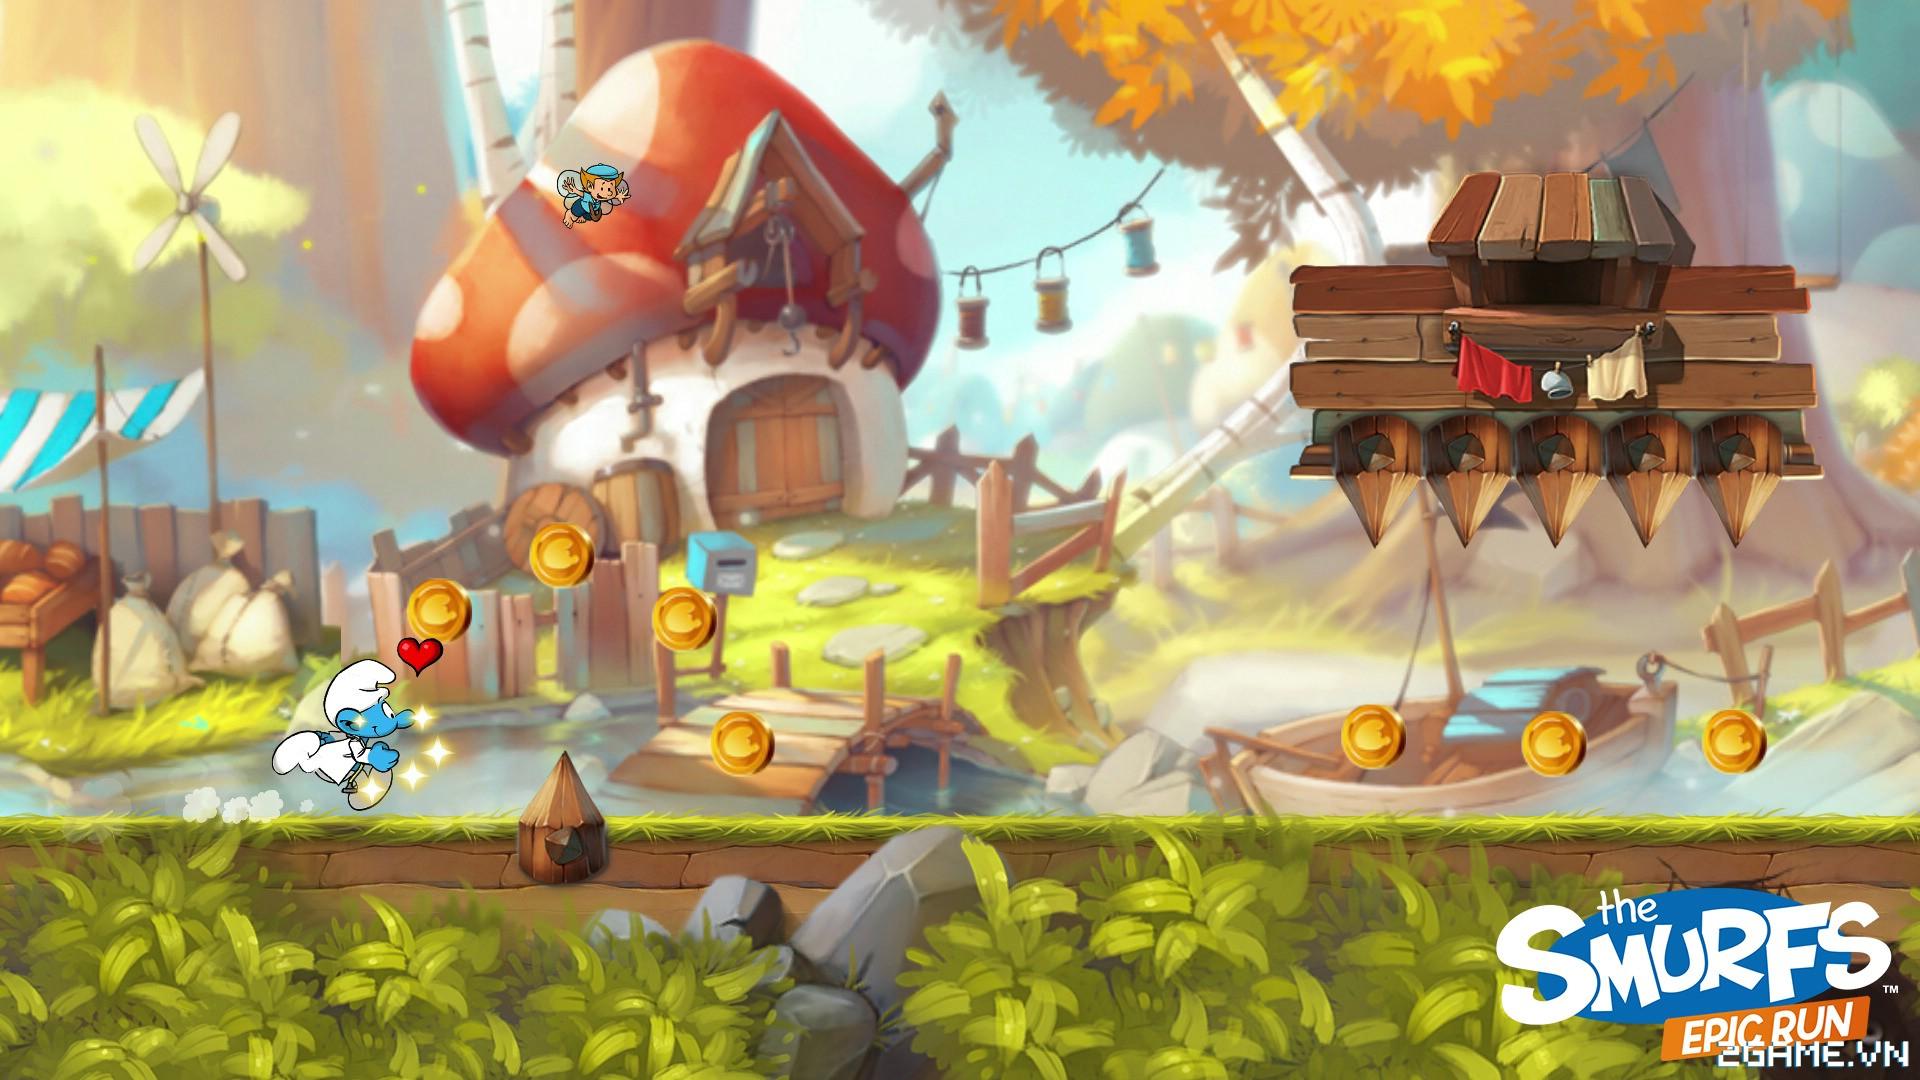 The Smurfs Epic Run - Chạy đua cùng